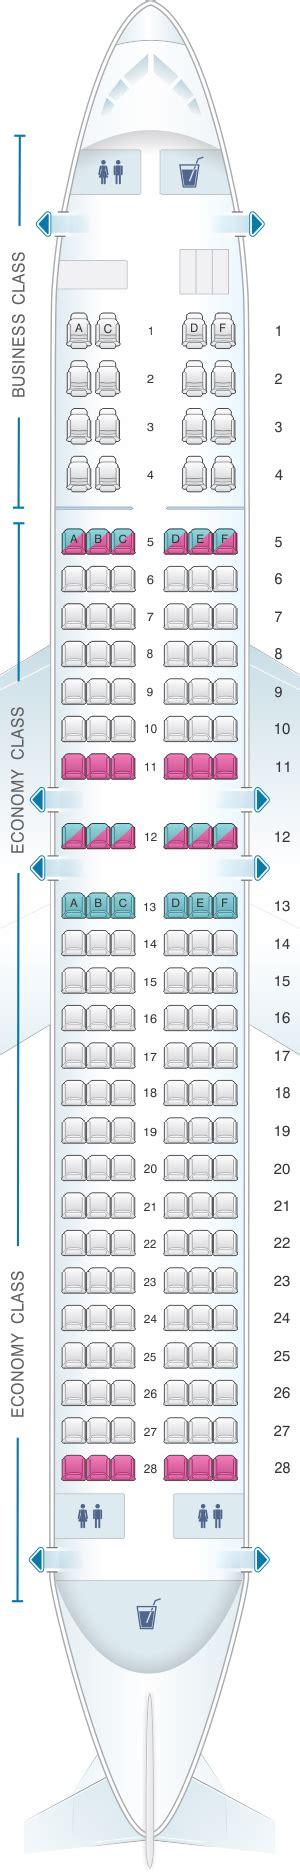 boeing 737 plan sieges plan de cabine egyptair boeing b737 800 seatmaestro fr